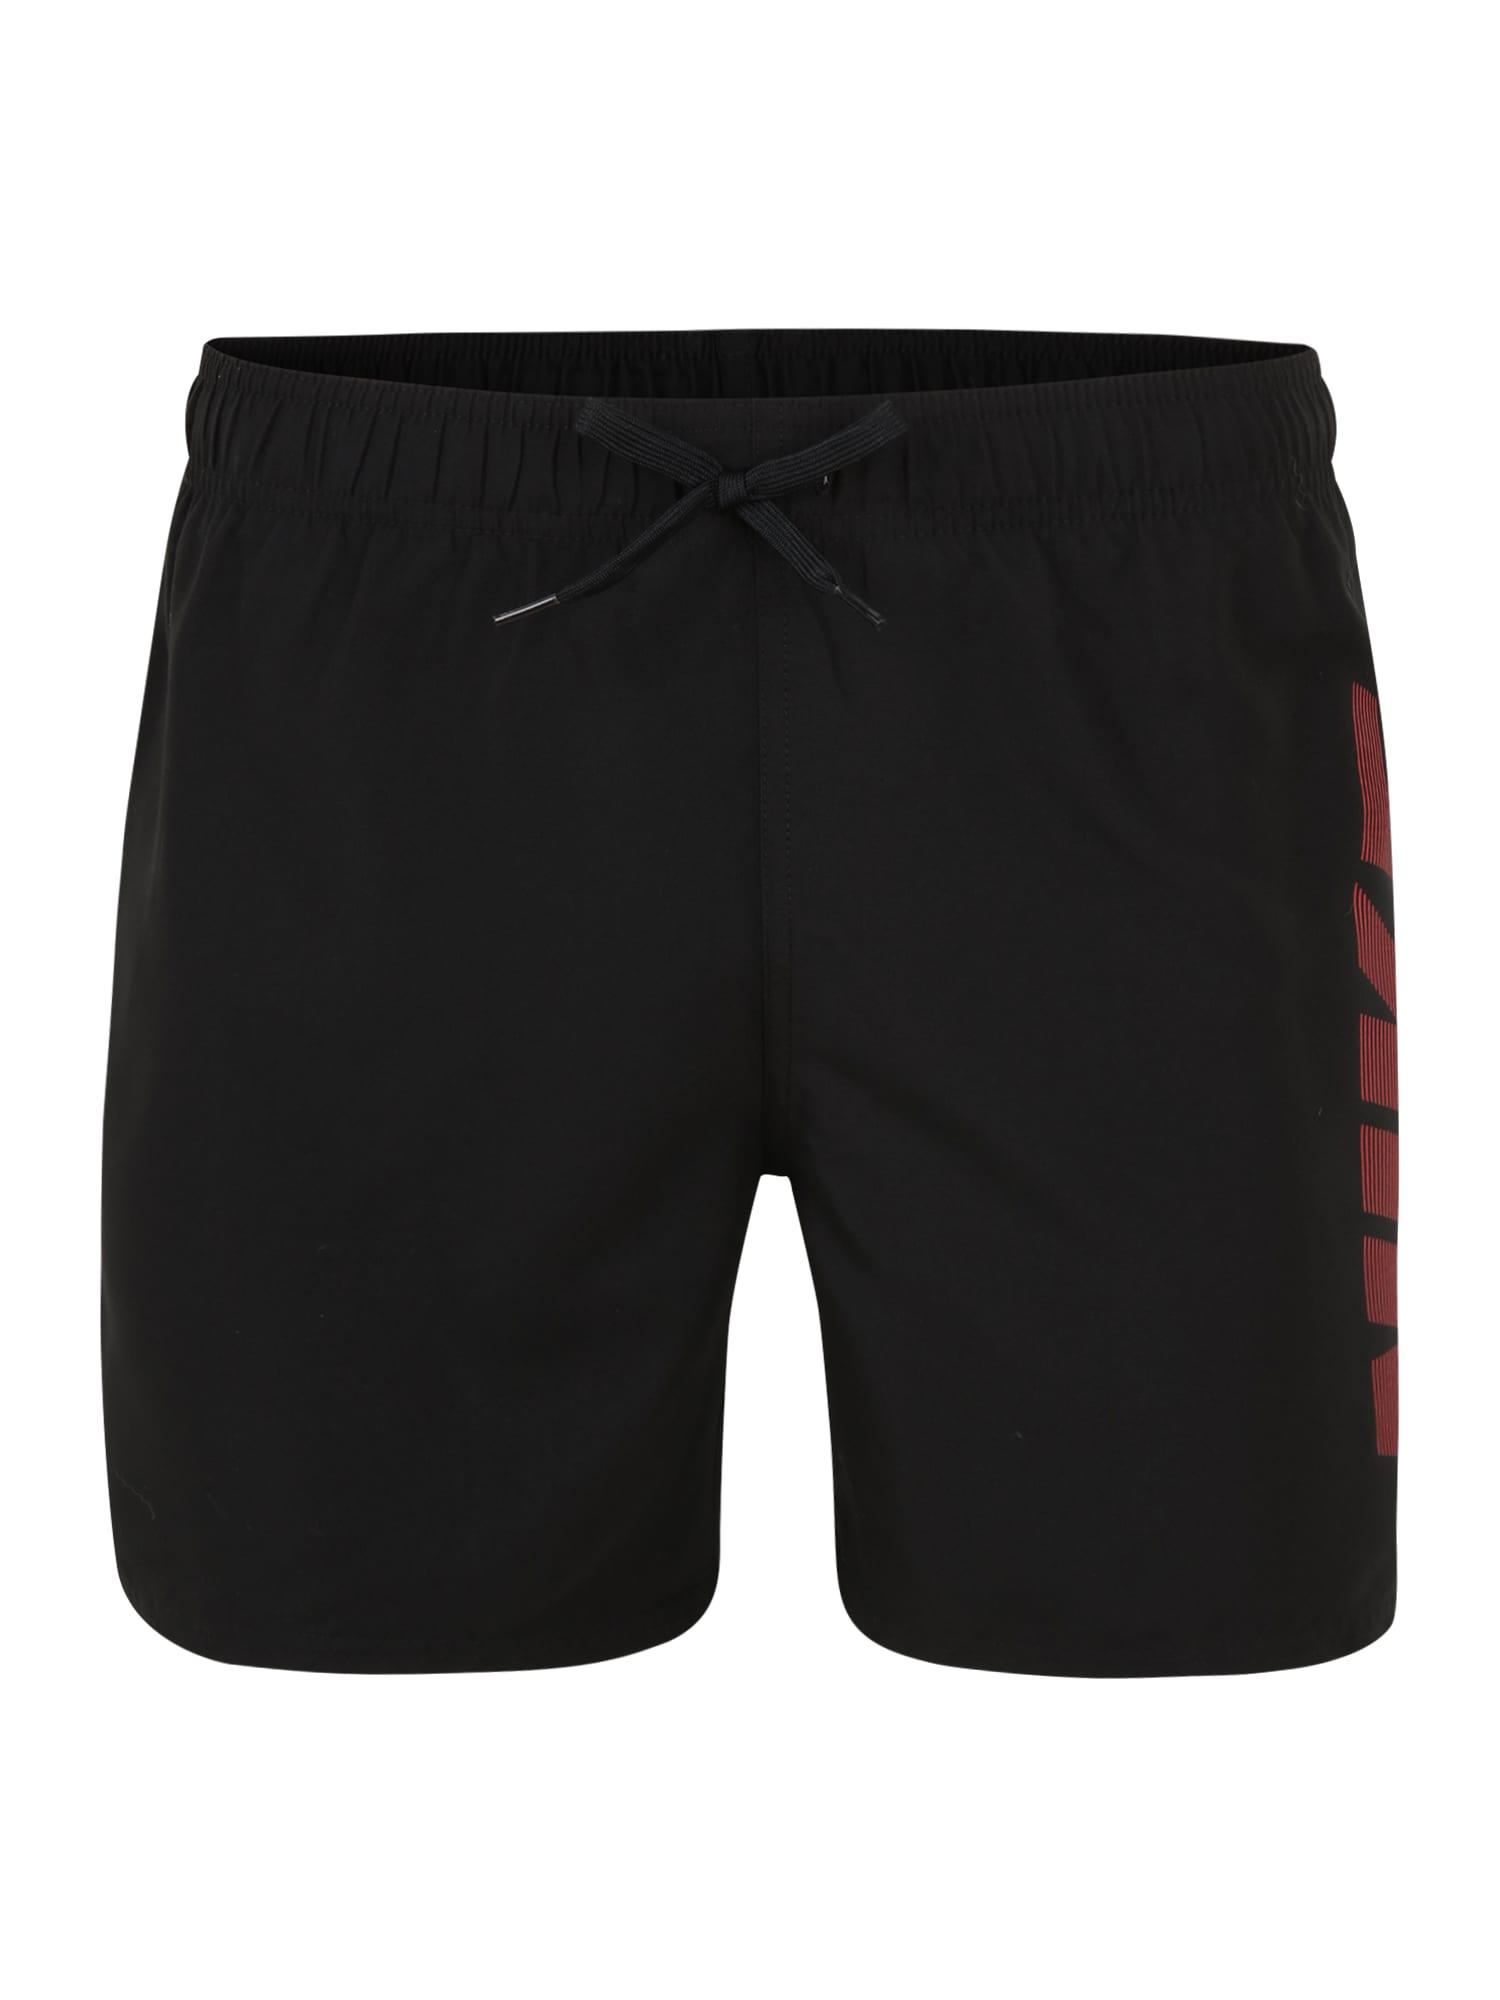 Nike Swim Sportinės glaudės pilka / juoda / tamsiai raudona